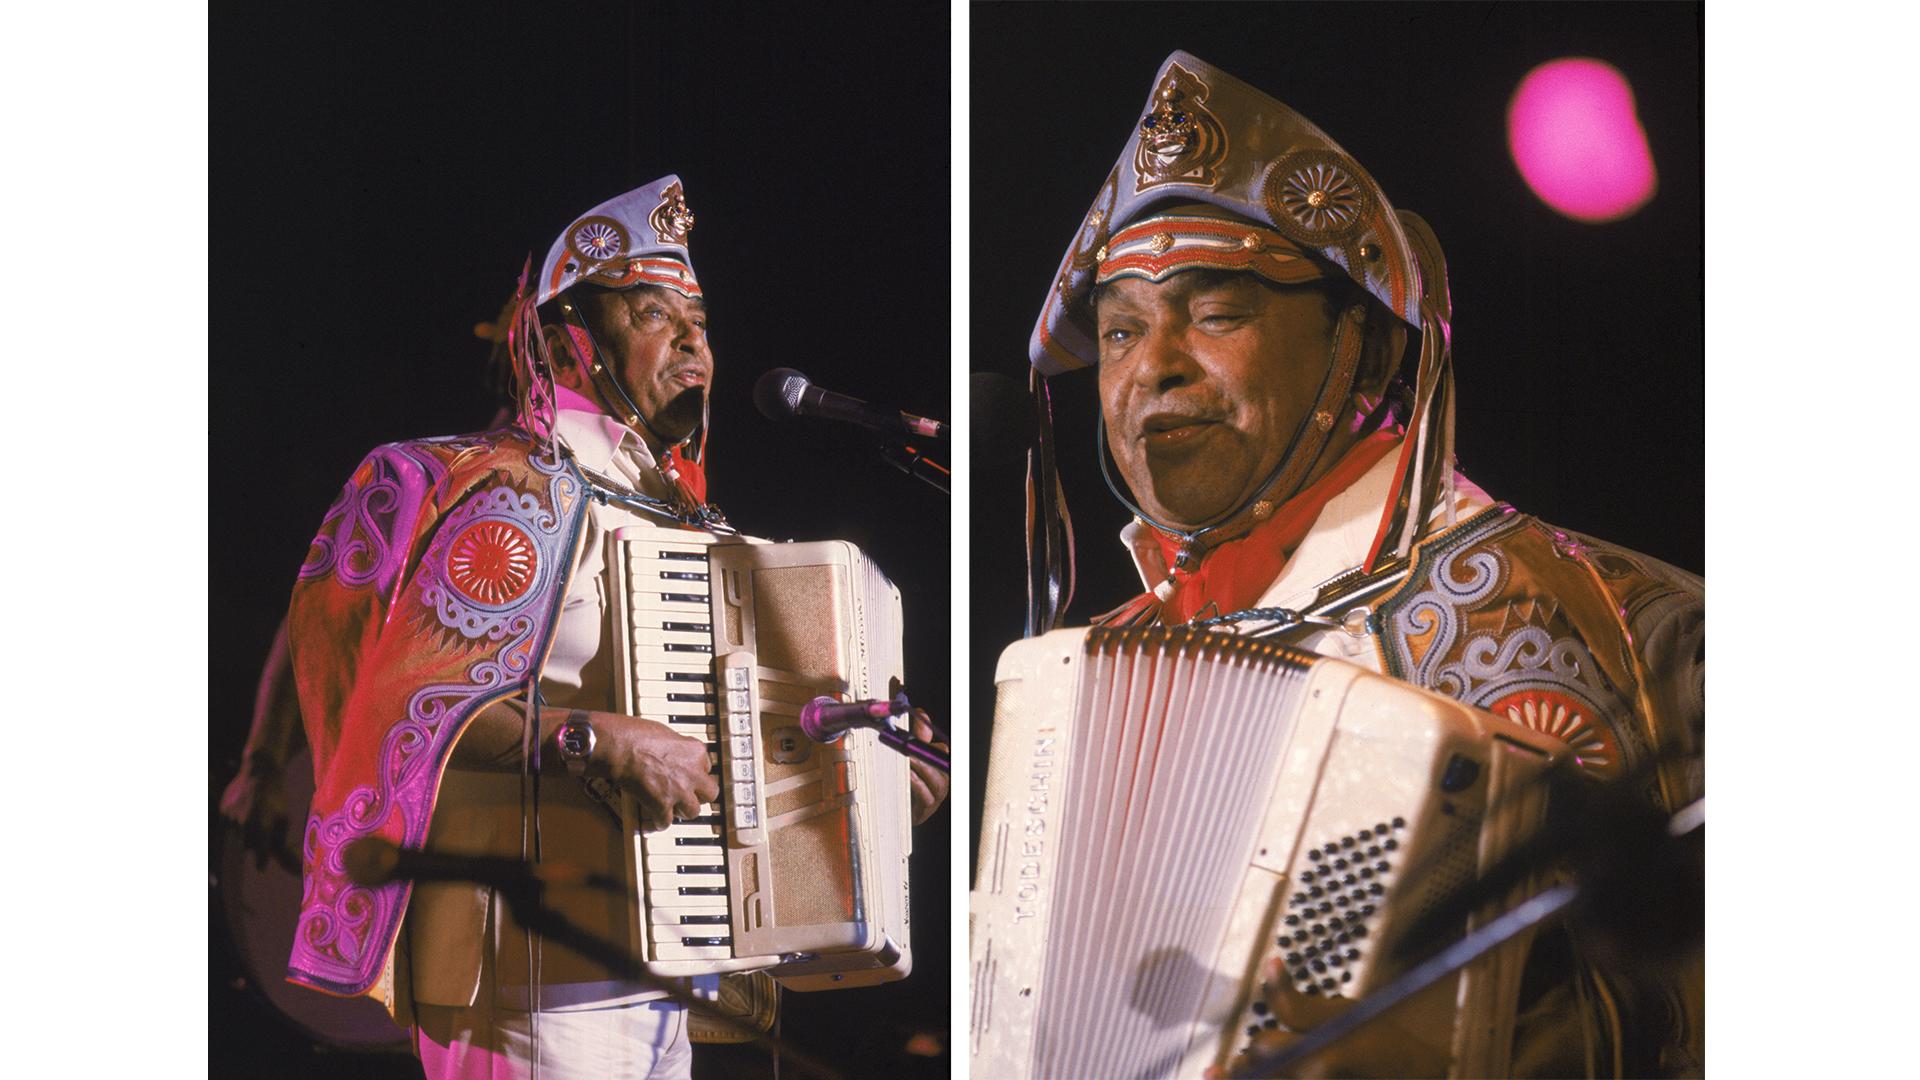 Show de Luiz Gonzaga no Festival de Águas Claras.